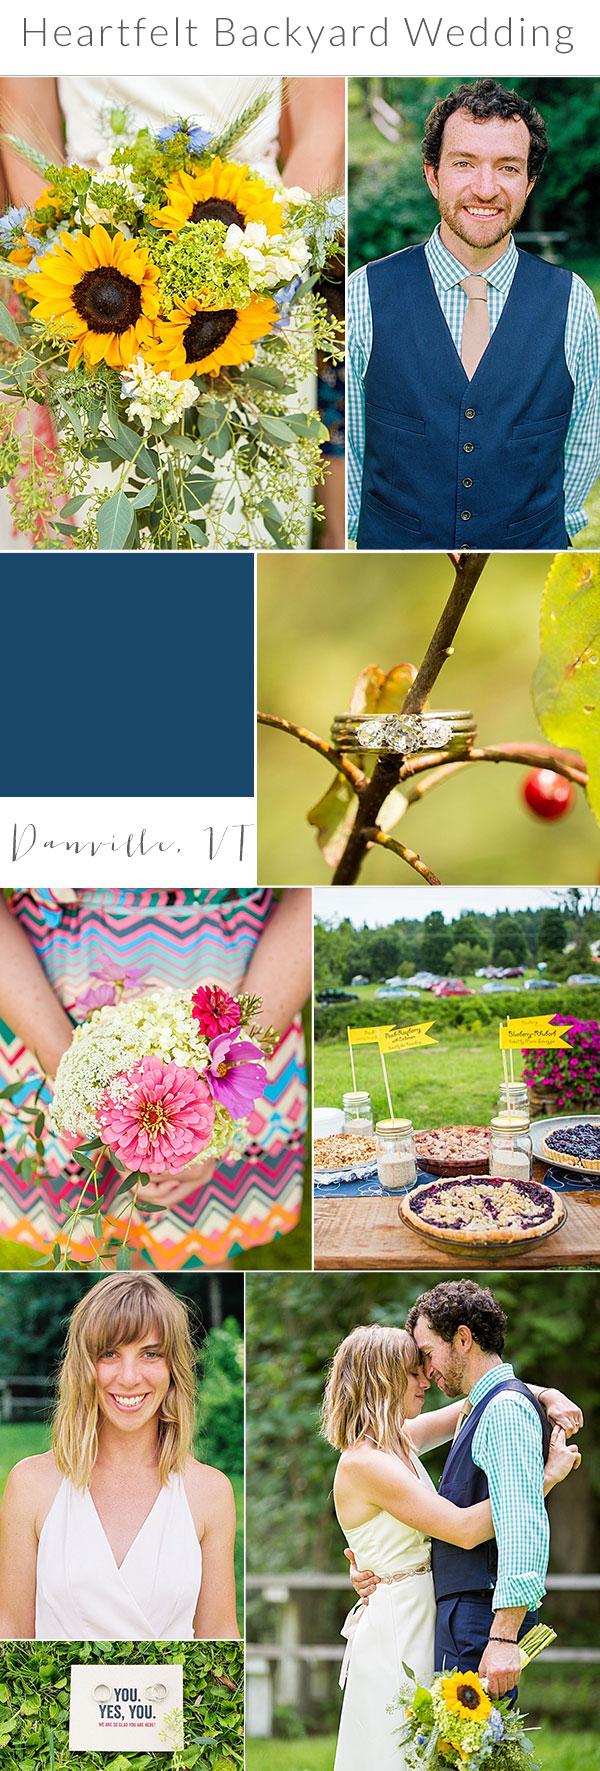 Vermont Mountain Wedding Alexix June Photography Via MountainsideBride.com 0077